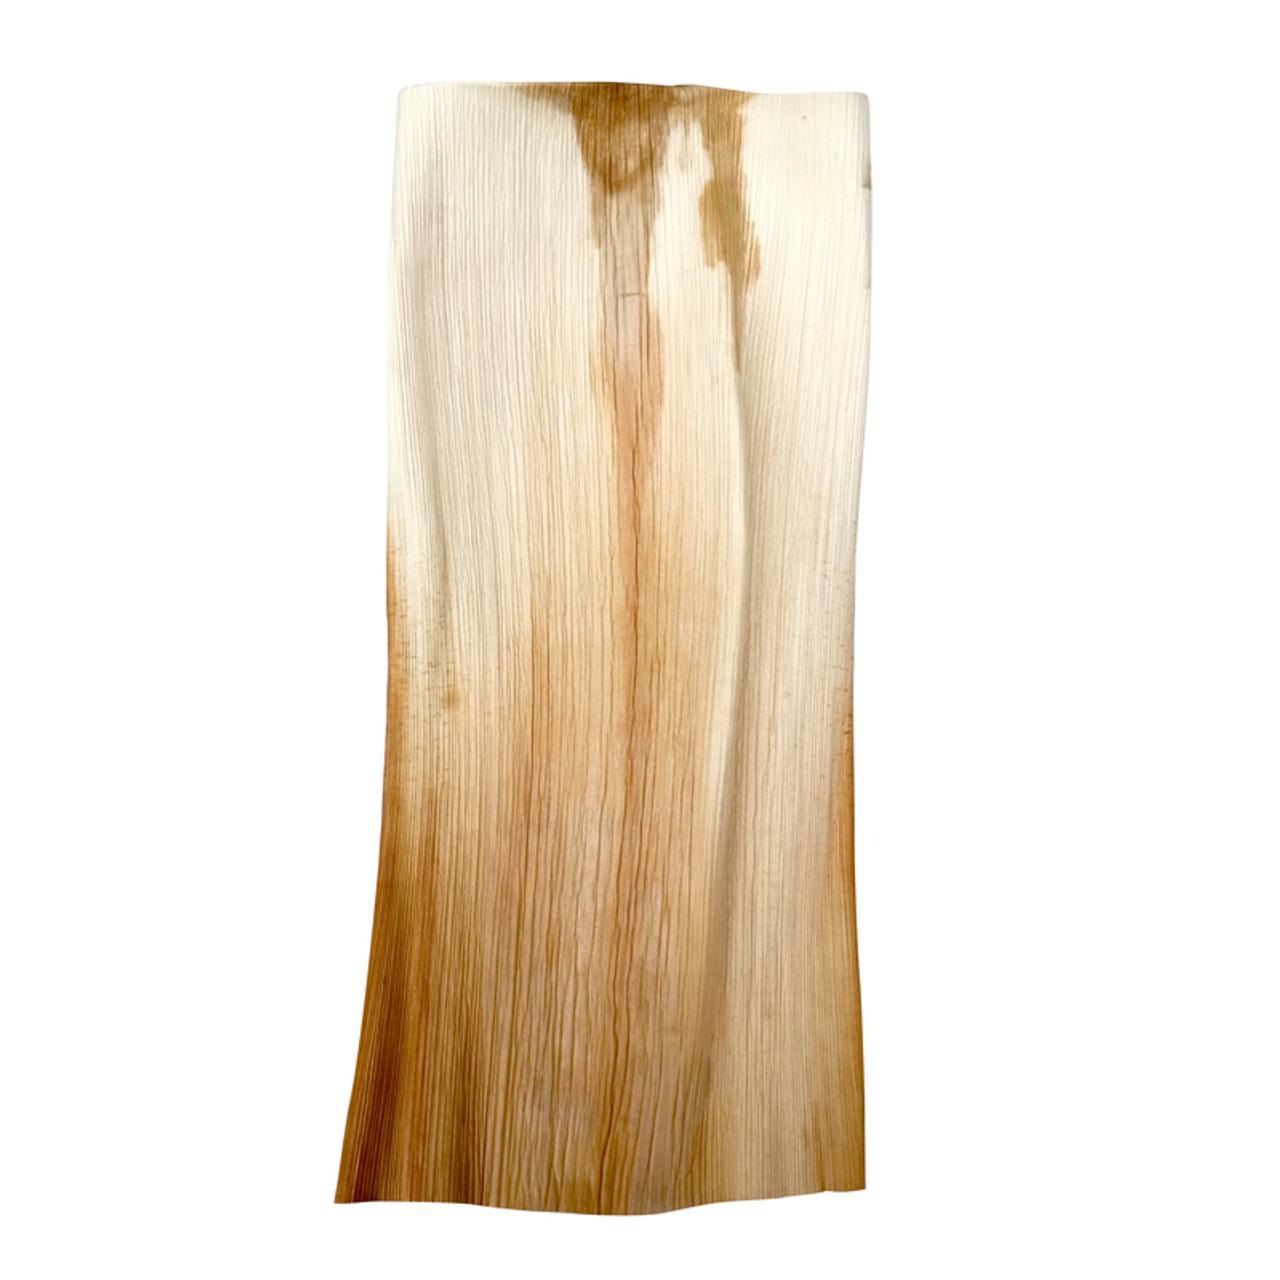 Palm Leaf - L:21.25 x W:10 x H:2.75in